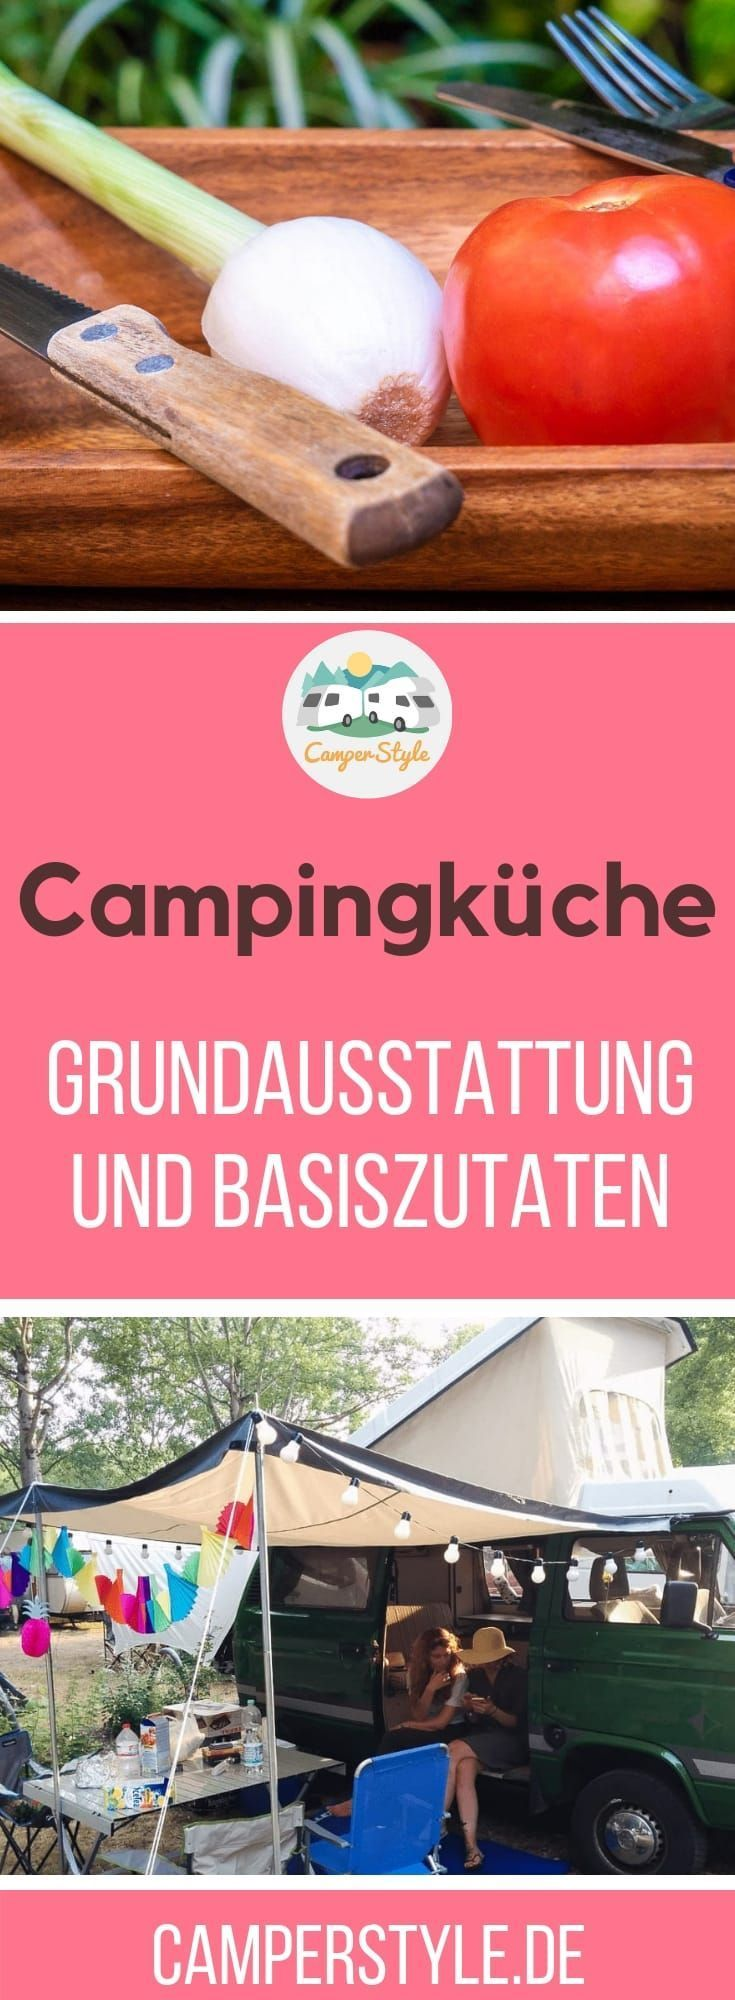 #Essen und Trinken muss man auch beim #Camping. Wieso nicht das #Kochen für unterwegs etwas vereinfachen? Hier findest du Tipps und Hilfestellungen für die #Campingküche. Alles zu Grundausstattung und Basiszutaten. #camping gear list Camping-Küche: Grundausstattung und Basiszutaten für den Genuss unterwegs